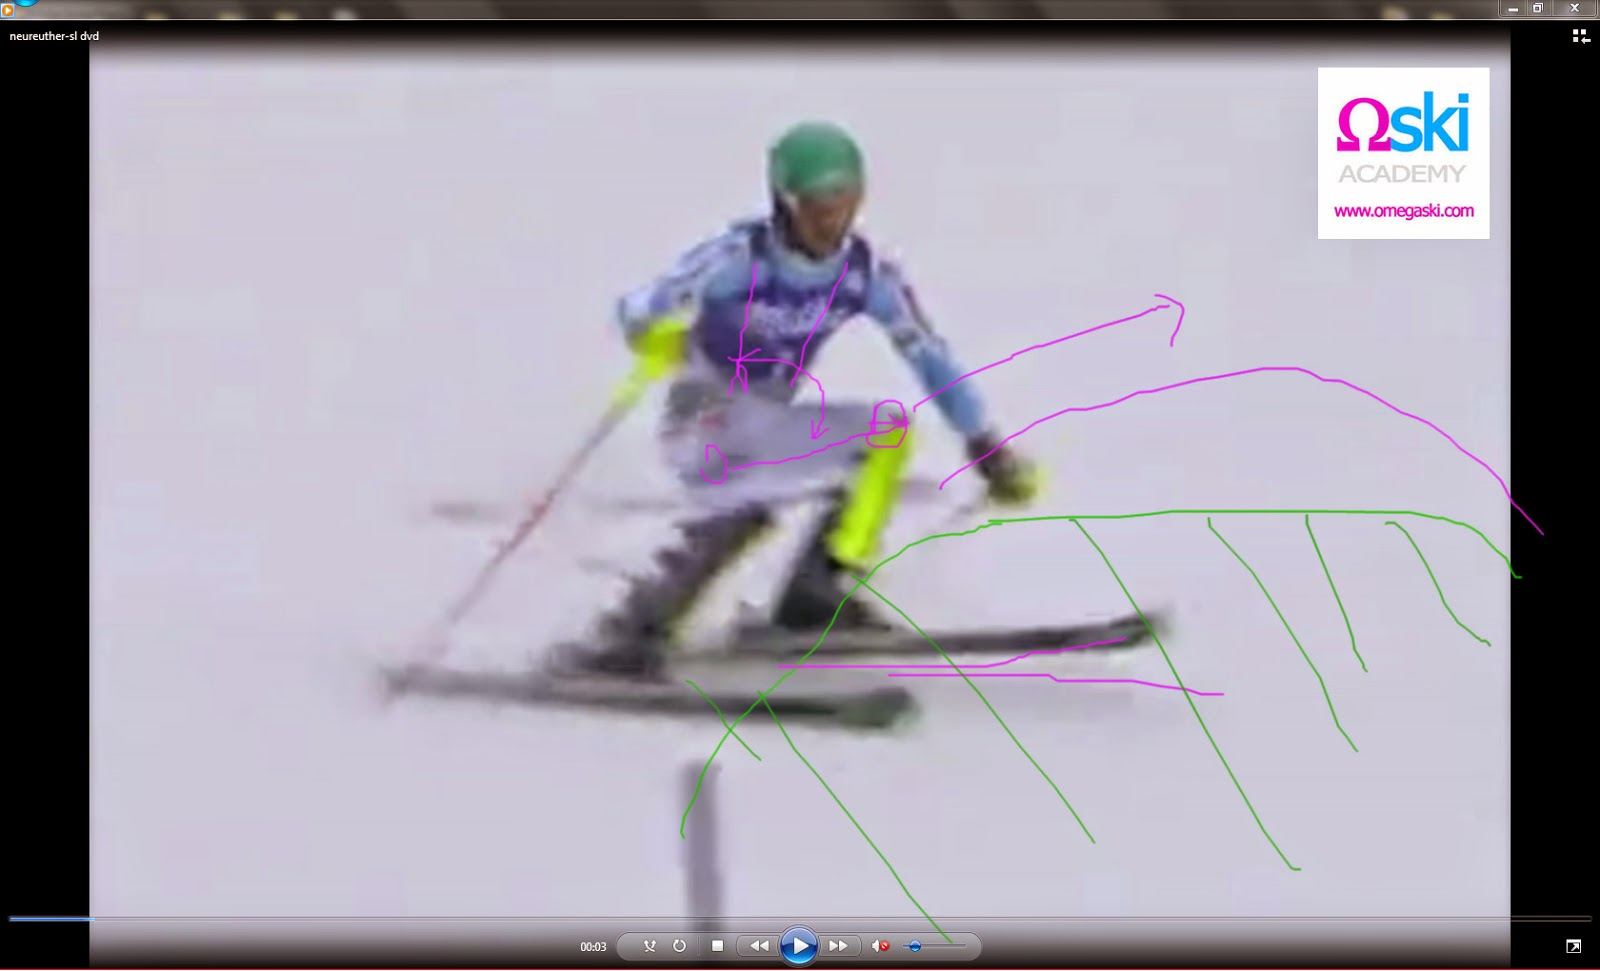 инструктор по горным лыжам Штубай Нойштивт Инсбрук